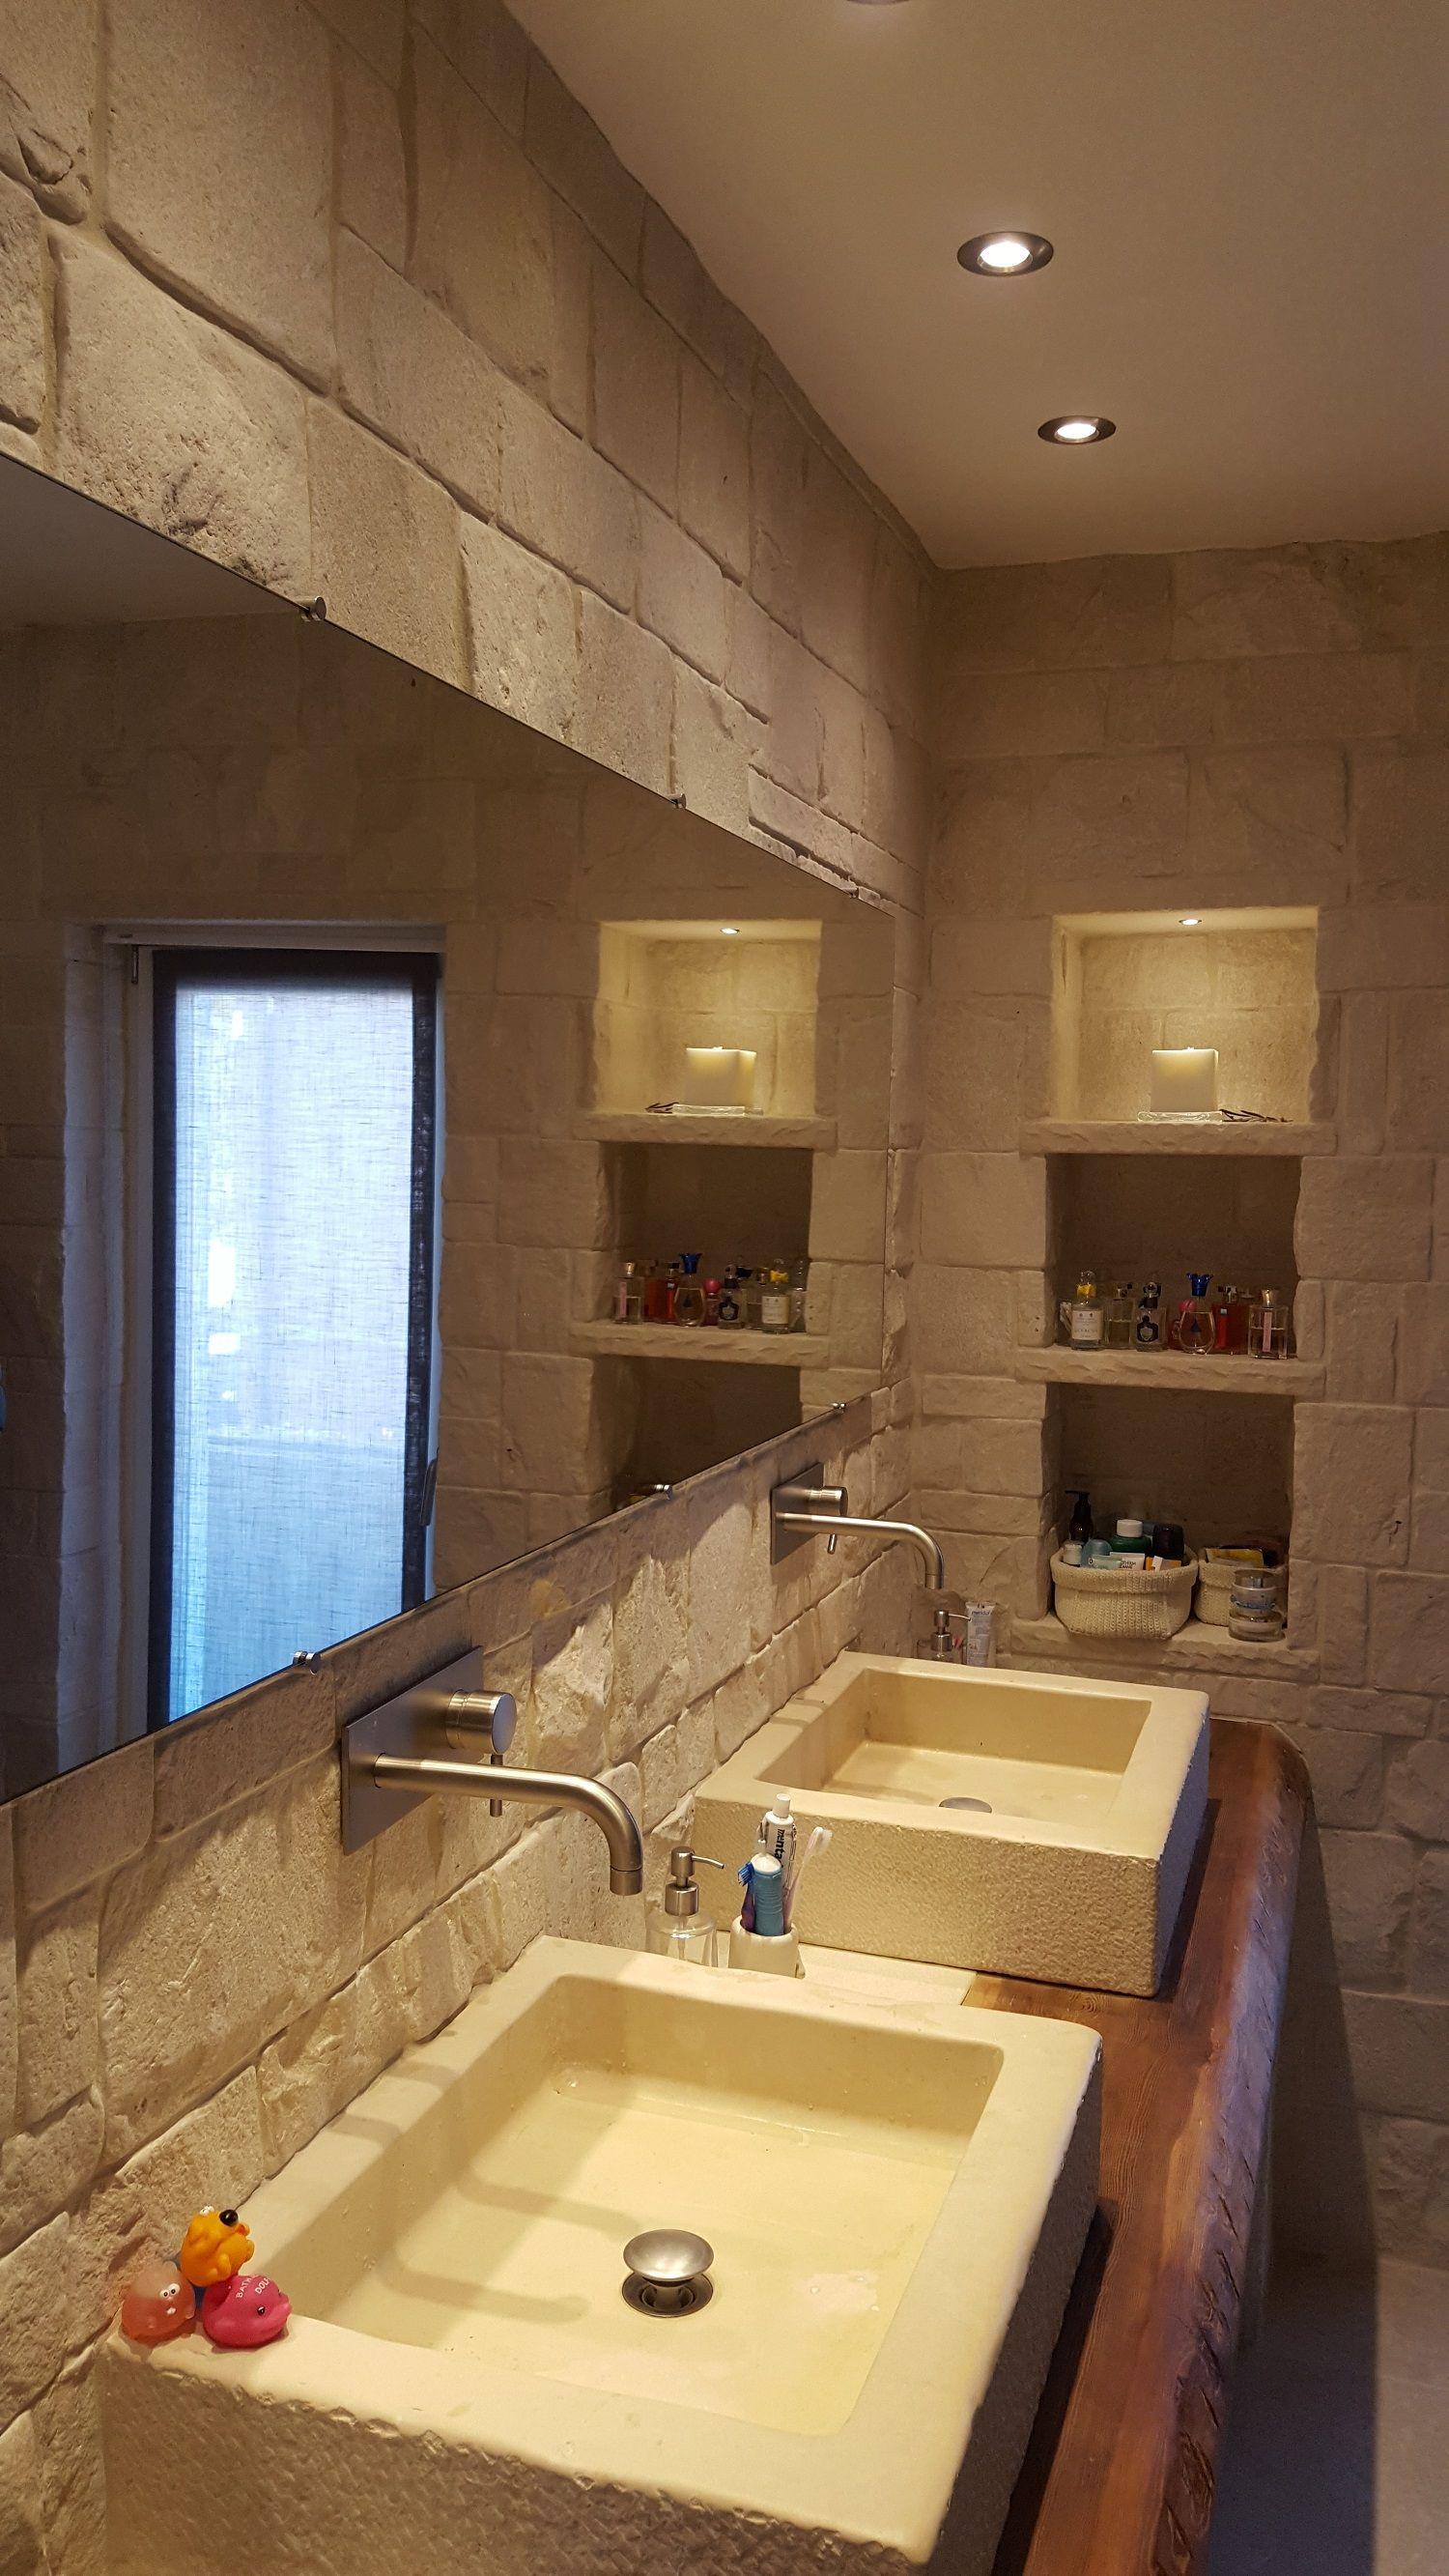 Numerose proposte per illuminare il bagno senza rinunciare allo stile. Pin Su Illuminazione Bagno Bathroom Lighting